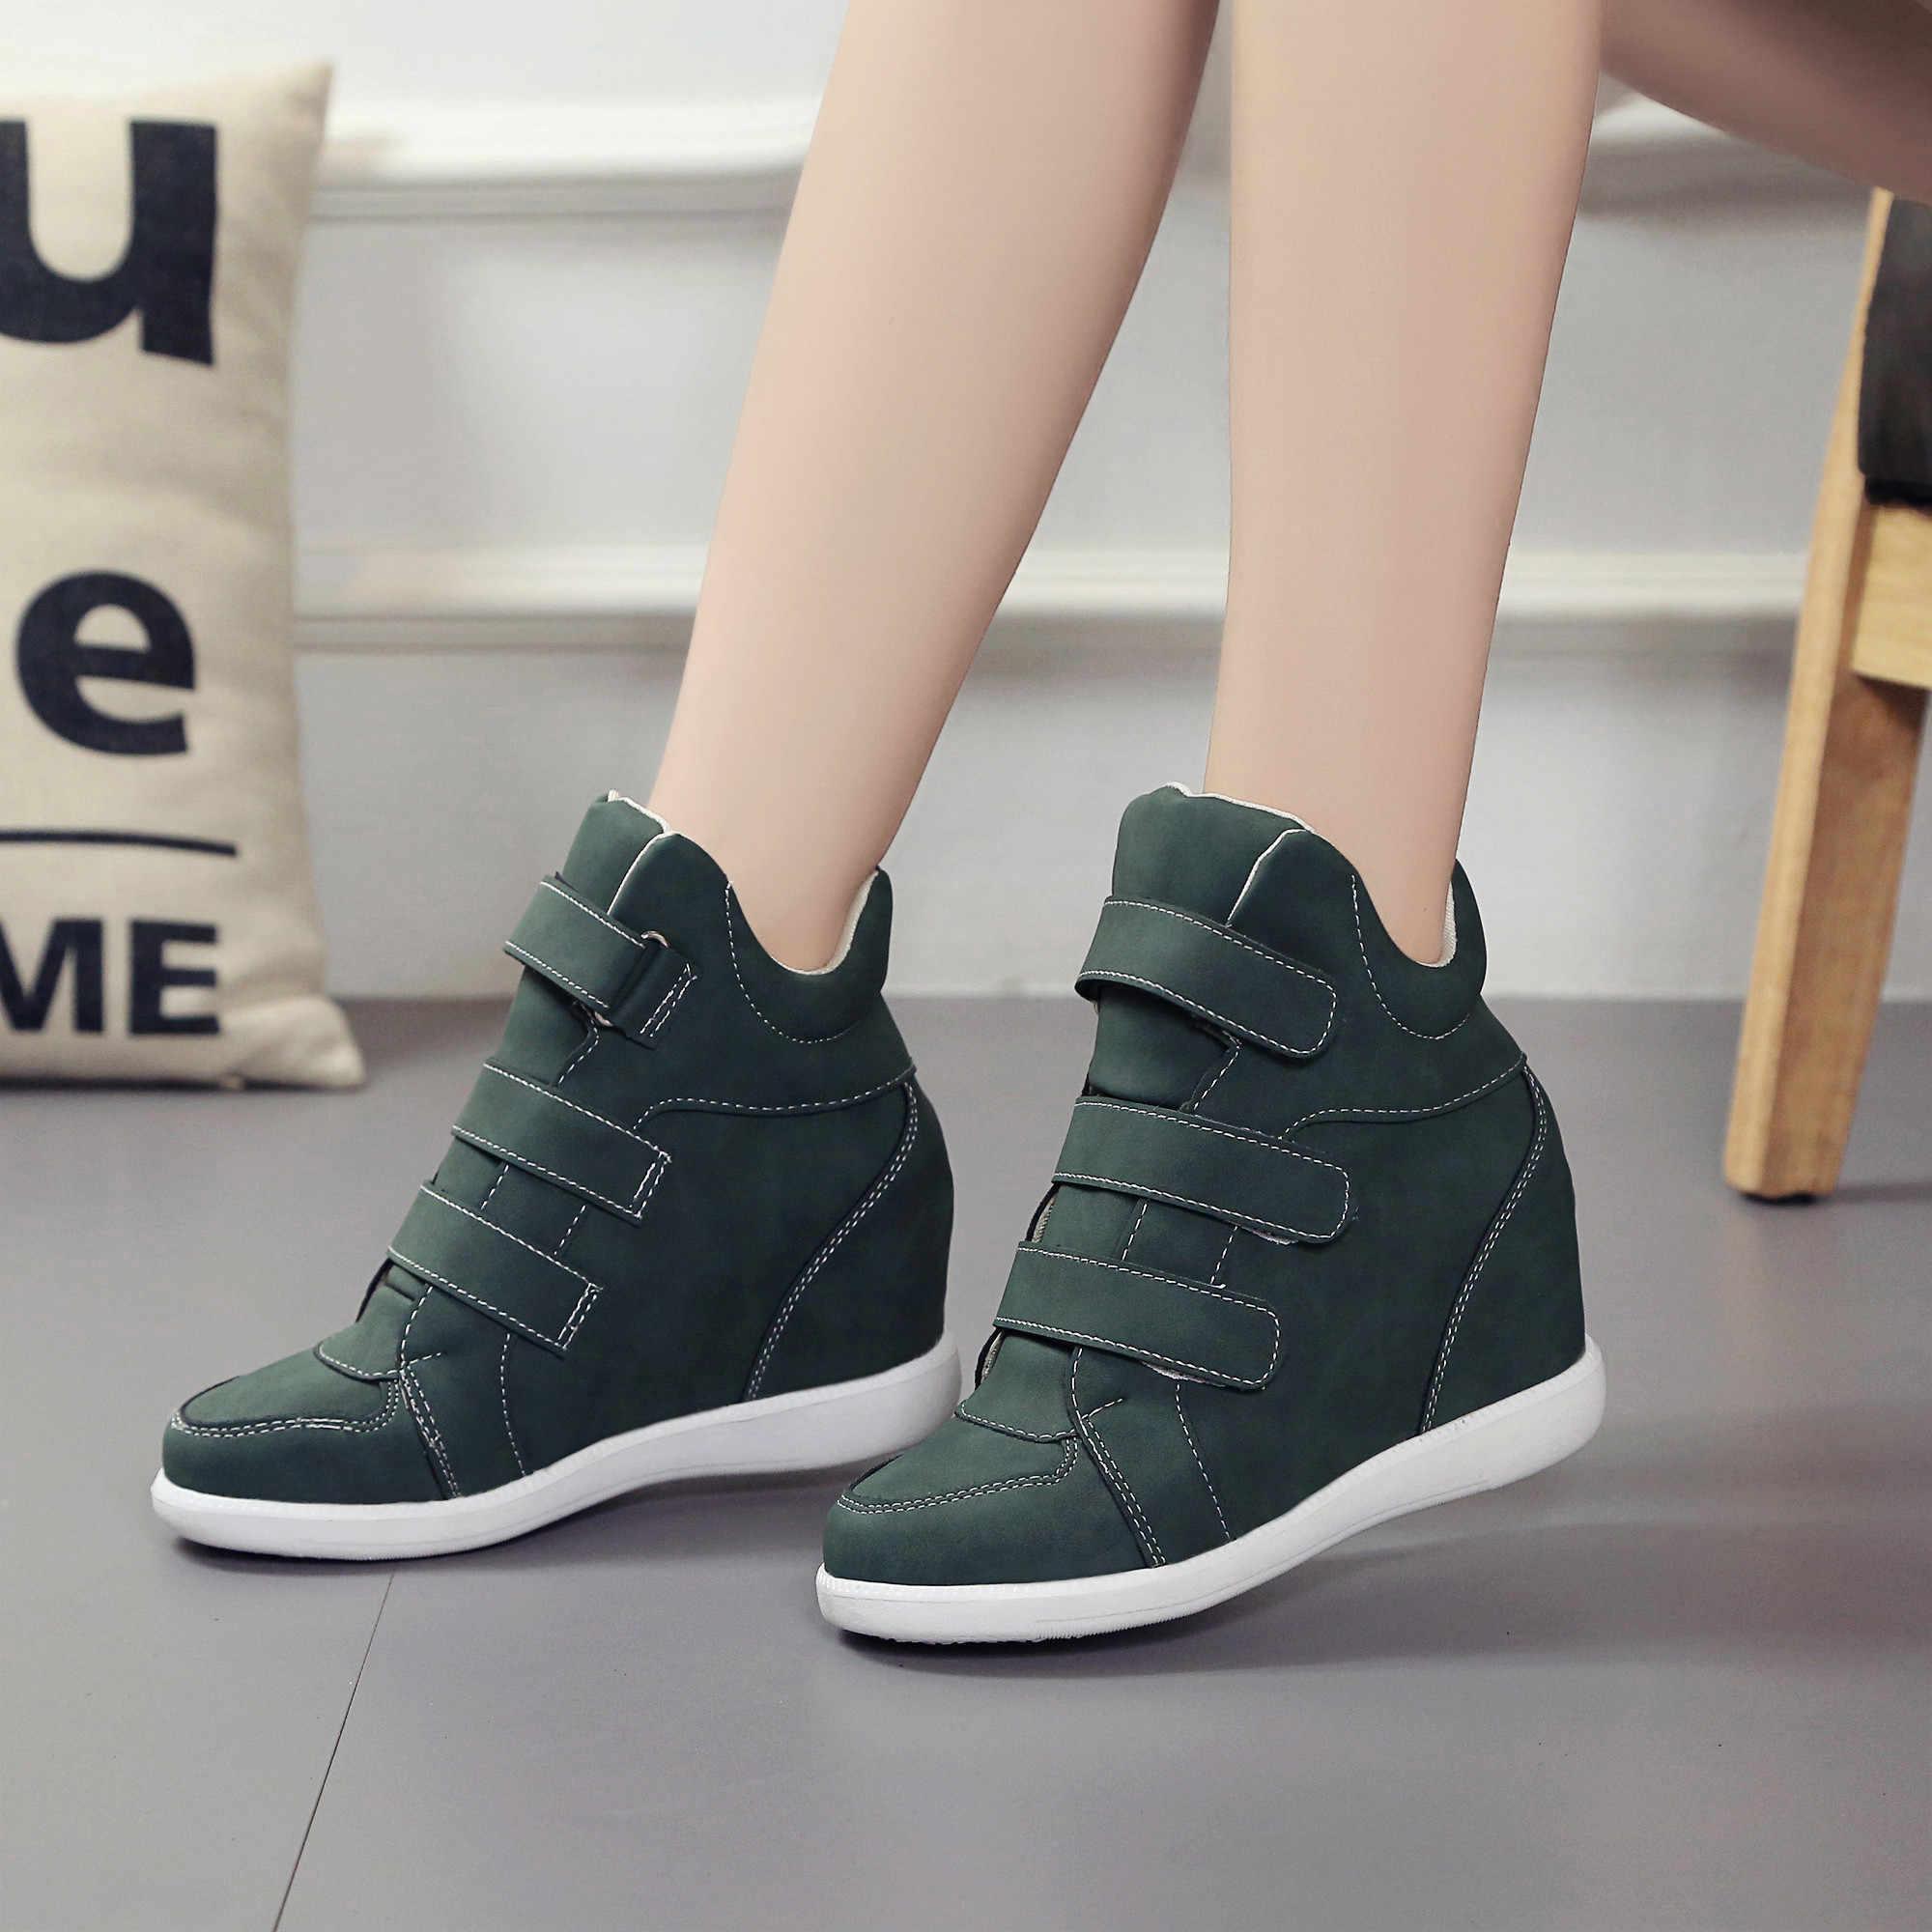 Lucyever moda platform ayakkabılar kadın yarım çizmeler gizli takozlar konfor Sneakers kadın akın rahat ayakkabılar Chaussure Femme